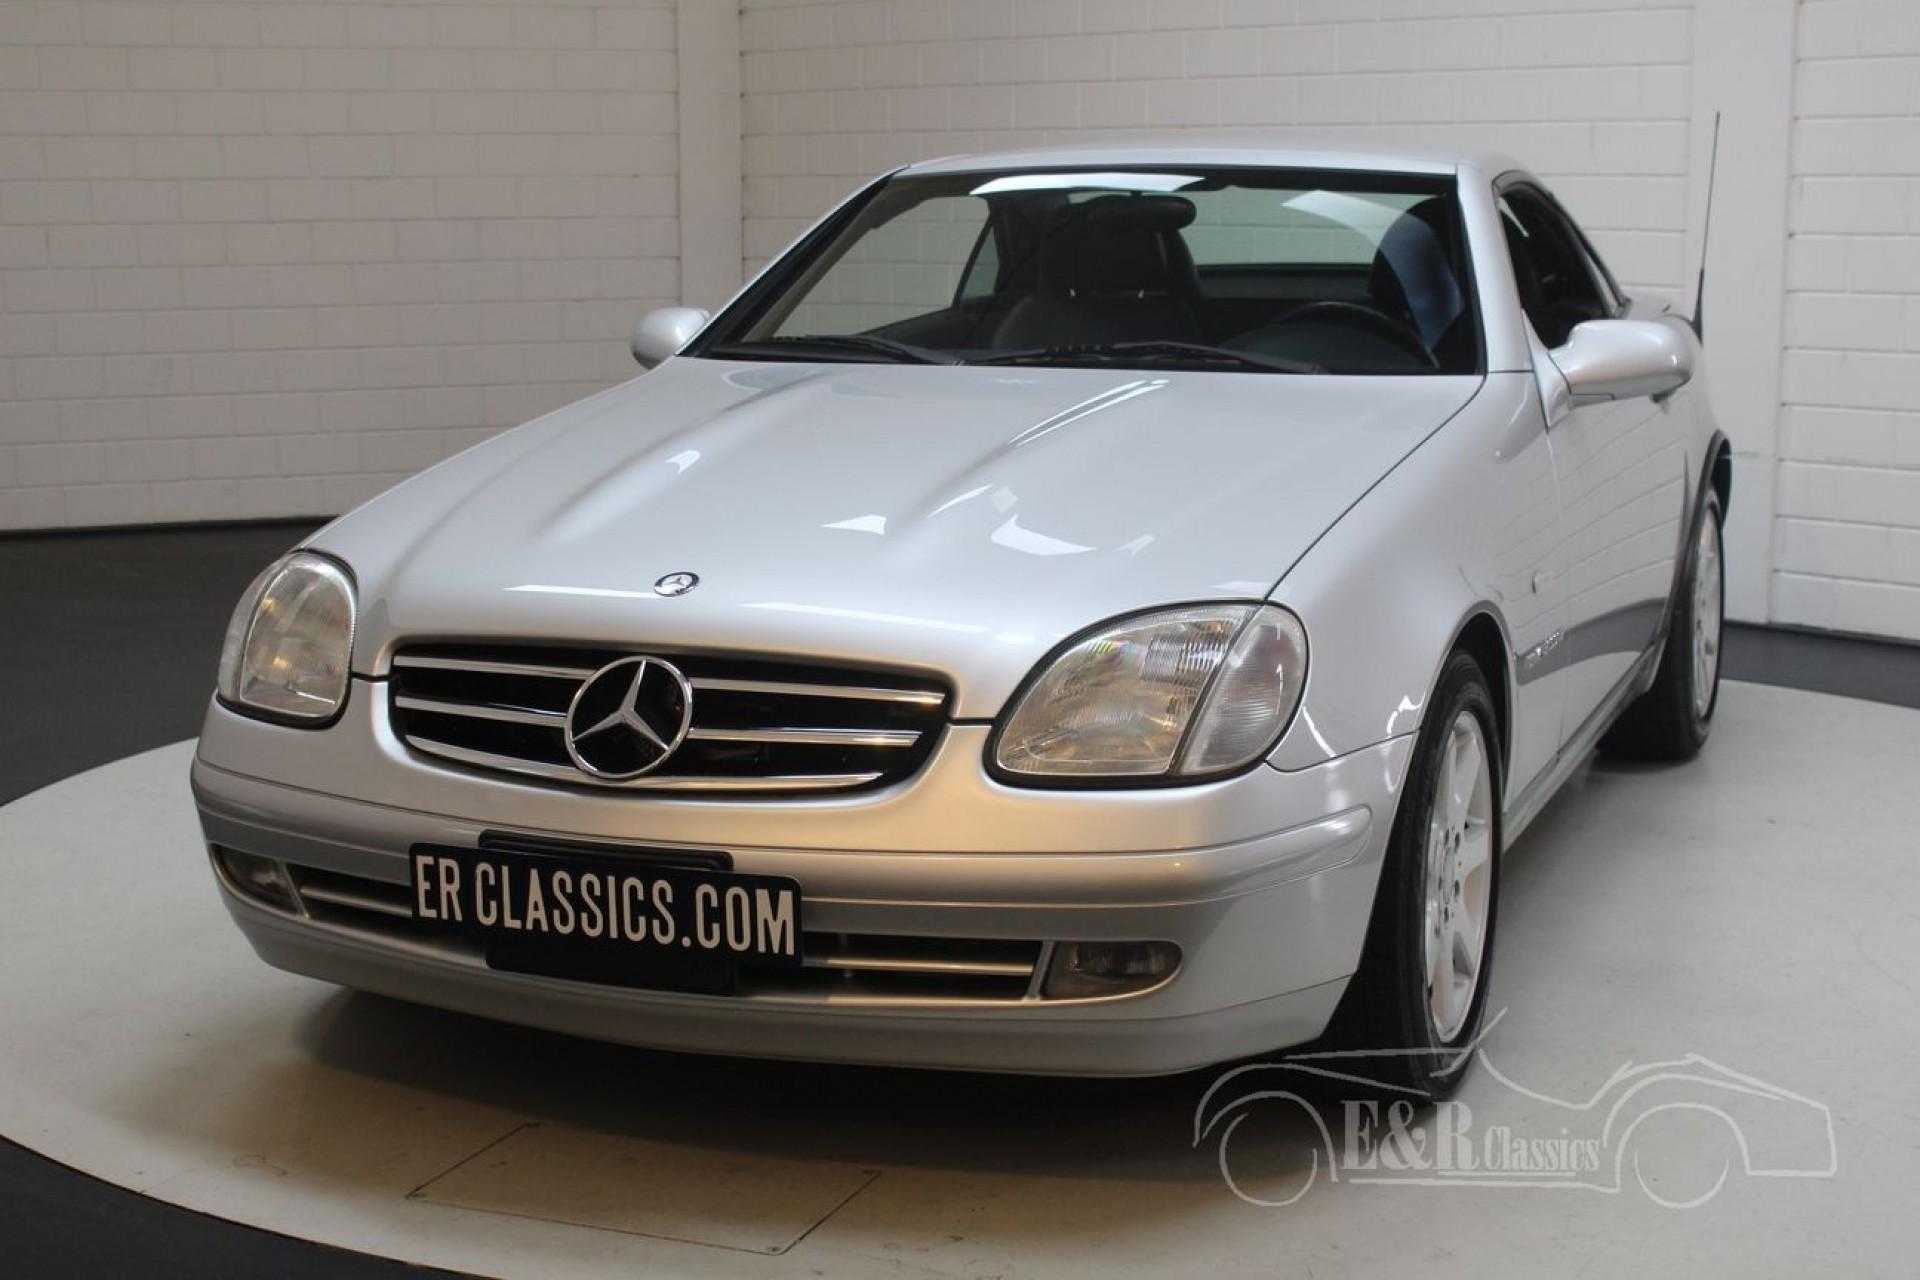 Mercedes-Benz SLK 230 1999 for sale at ERclassics